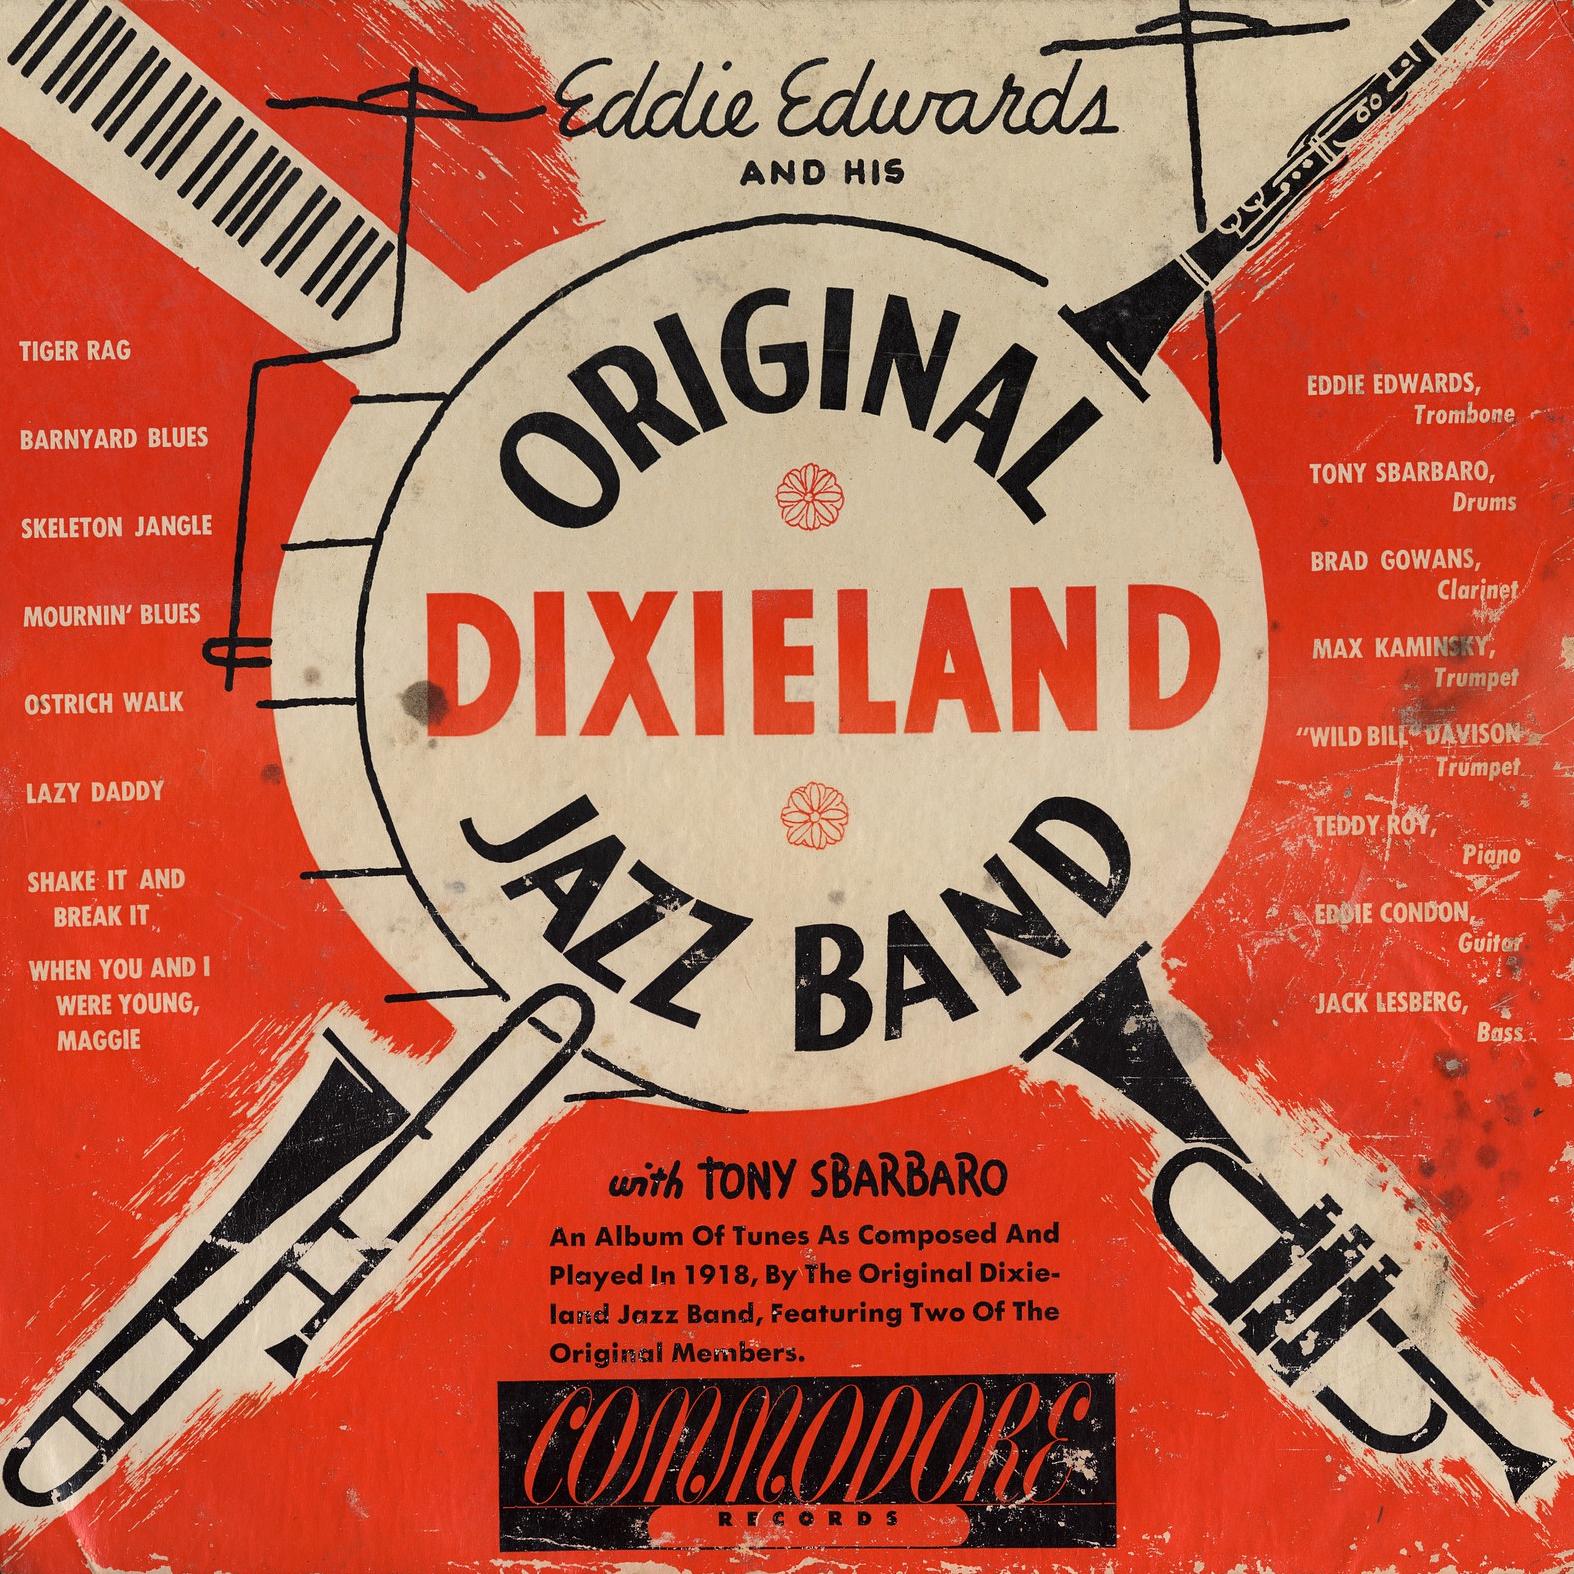 Original Dixieland Jazz Band album cover